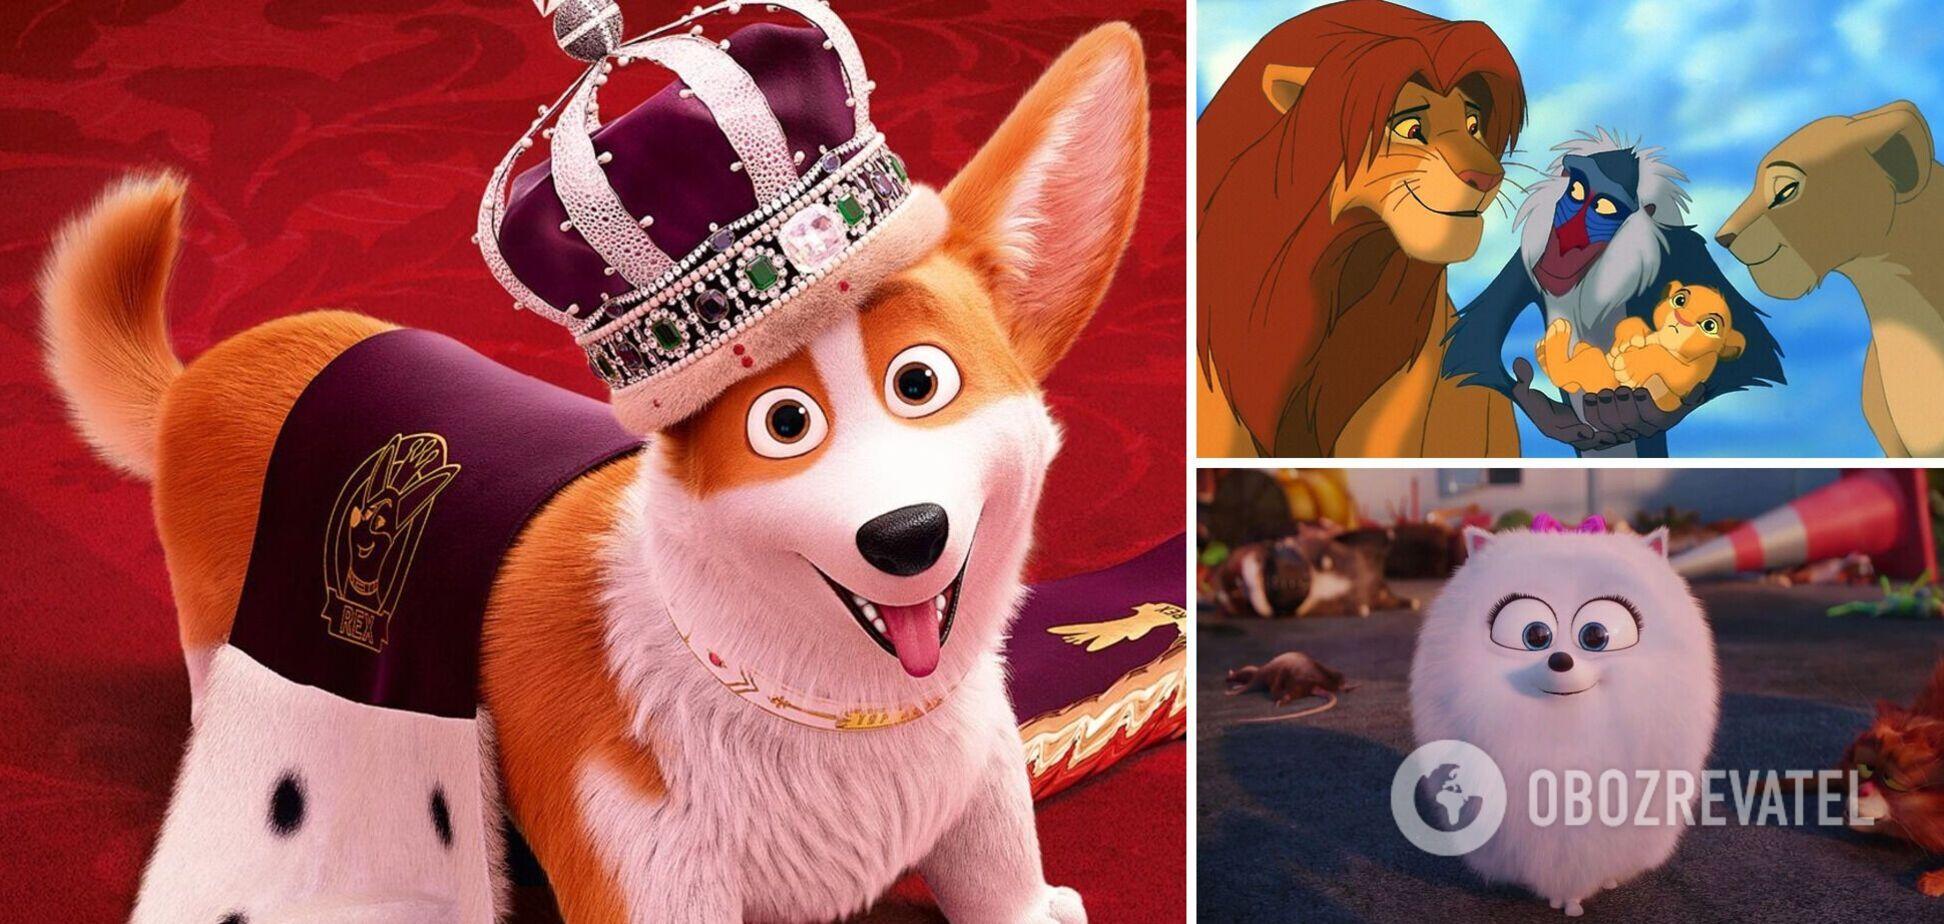 'Королевский корги', 'Король лев', 'Зоотрополис': 7 лучших мультфильмов о животных